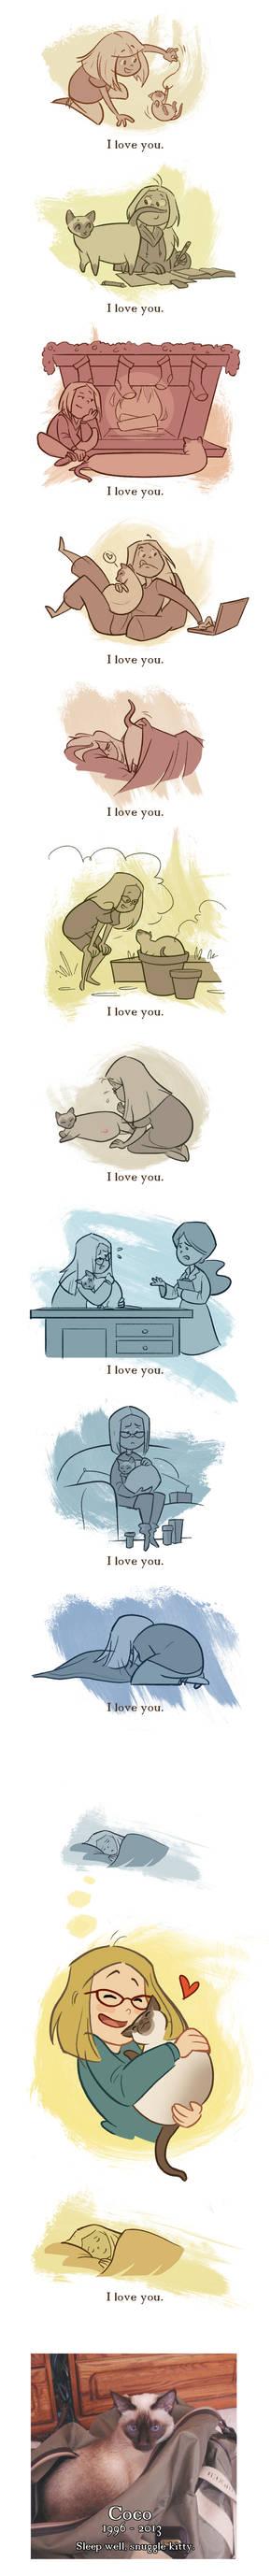 I Love You, Coco